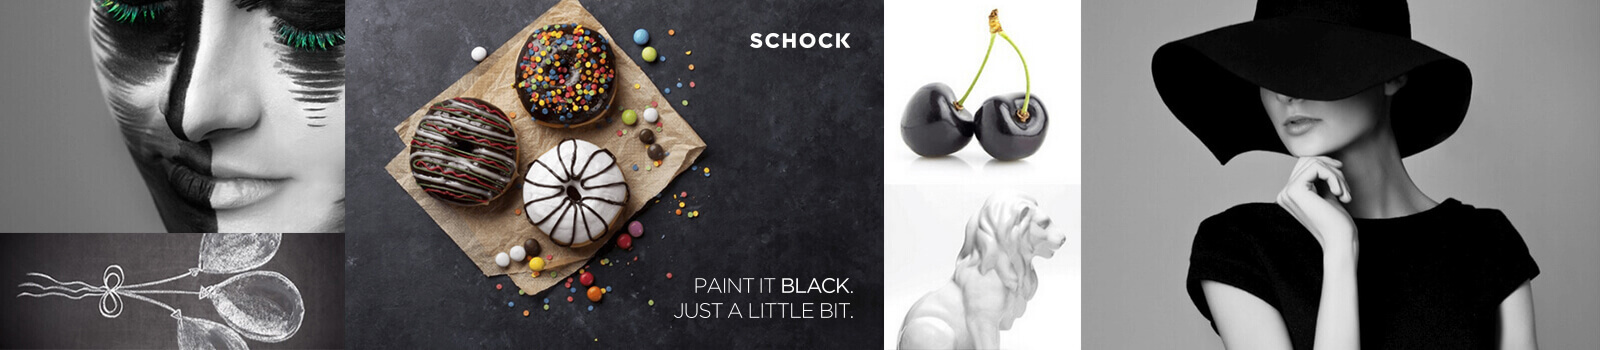 Schock Noir